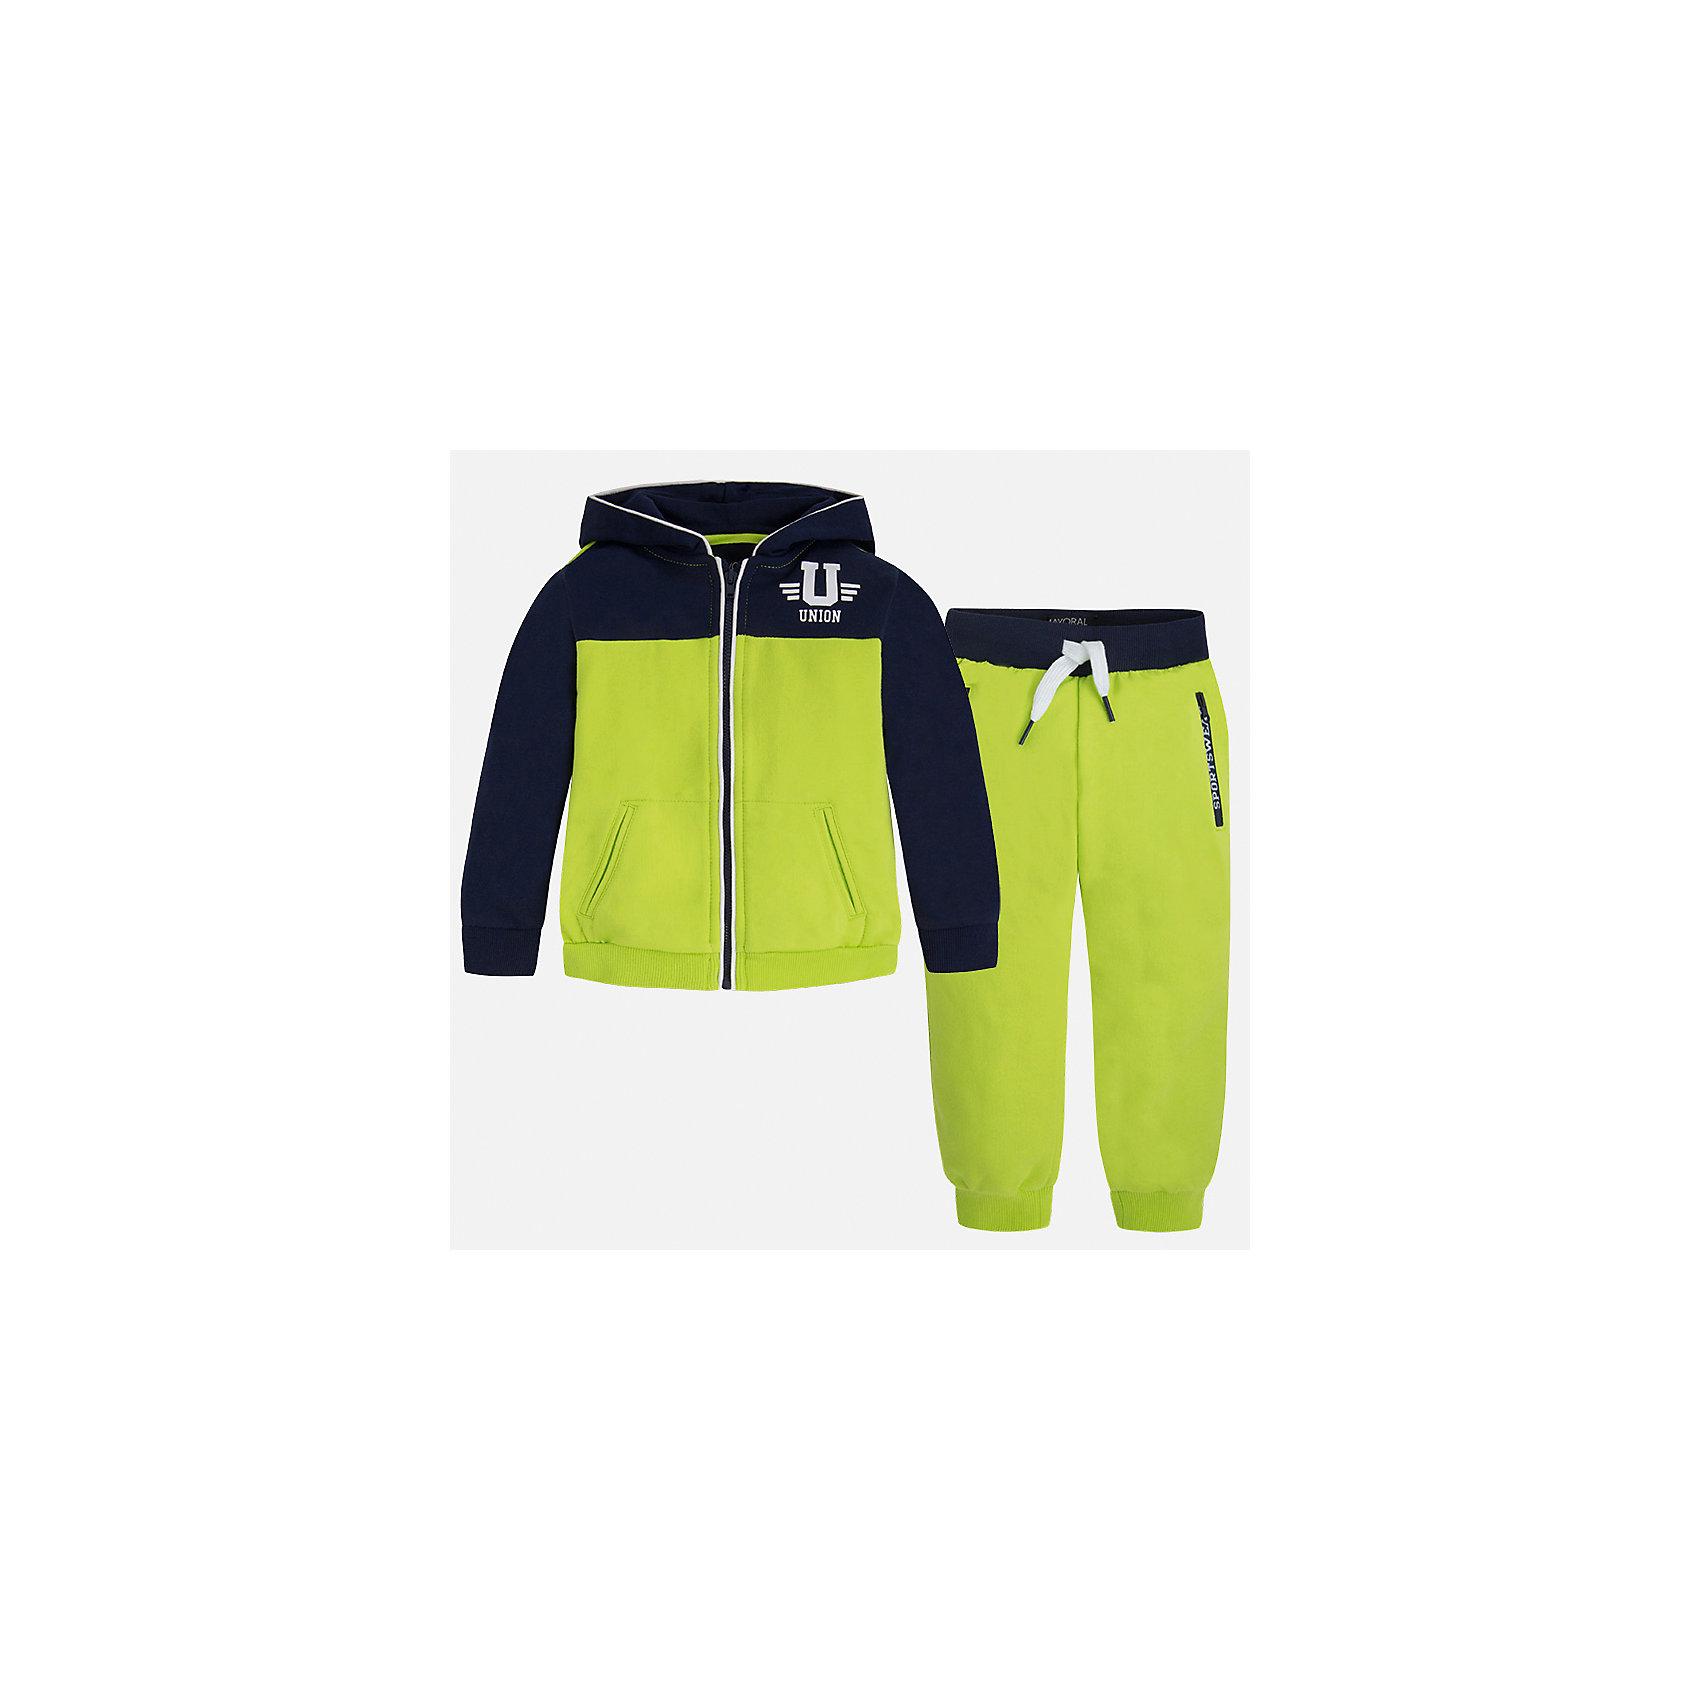 Спортивный костюм для мальчика MayoralКомплекты<br>Характеристики товара:<br><br>• цвет: зеленый/синий<br>• состав: 60% хлопок, 40% полиэстер<br>• комплектация: курточка, штаны<br>• куртка декорирована принтом<br>• карманы<br>• капюшон<br>• штаны - пояс на шнурке<br>• манжеты<br>• страна бренда: Испания<br><br>Стильный качественный спортивный костюм для мальчика поможет разнообразить гардероб ребенка и удобно одеться. Курточка и штаны отлично сочетаются с другими предметами. Универсальный цвет позволяет подобрать к вещам верхнюю одежду практически любой расцветки. Интересная отделка модели делает её нарядной и оригинальной. В составе материала - натуральный хлопок, гипоаллергенный, приятный на ощупь, дышащий.<br><br>Одежда, обувь и аксессуары от испанского бренда Mayoral полюбились детям и взрослым по всему миру. Модели этой марки - стильные и удобные. Для их производства используются только безопасные, качественные материалы и фурнитура. Порадуйте ребенка модными и красивыми вещами от Mayoral! <br><br>Спортивный костюм для мальчика от испанского бренда Mayoral (Майорал) можно купить в нашем интернет-магазине.<br><br>Ширина мм: 247<br>Глубина мм: 16<br>Высота мм: 140<br>Вес г: 225<br>Цвет: зеленый<br>Возраст от месяцев: 36<br>Возраст до месяцев: 48<br>Пол: Мужской<br>Возраст: Детский<br>Размер: 104,98,92,134,128,122,116,110<br>SKU: 5281189